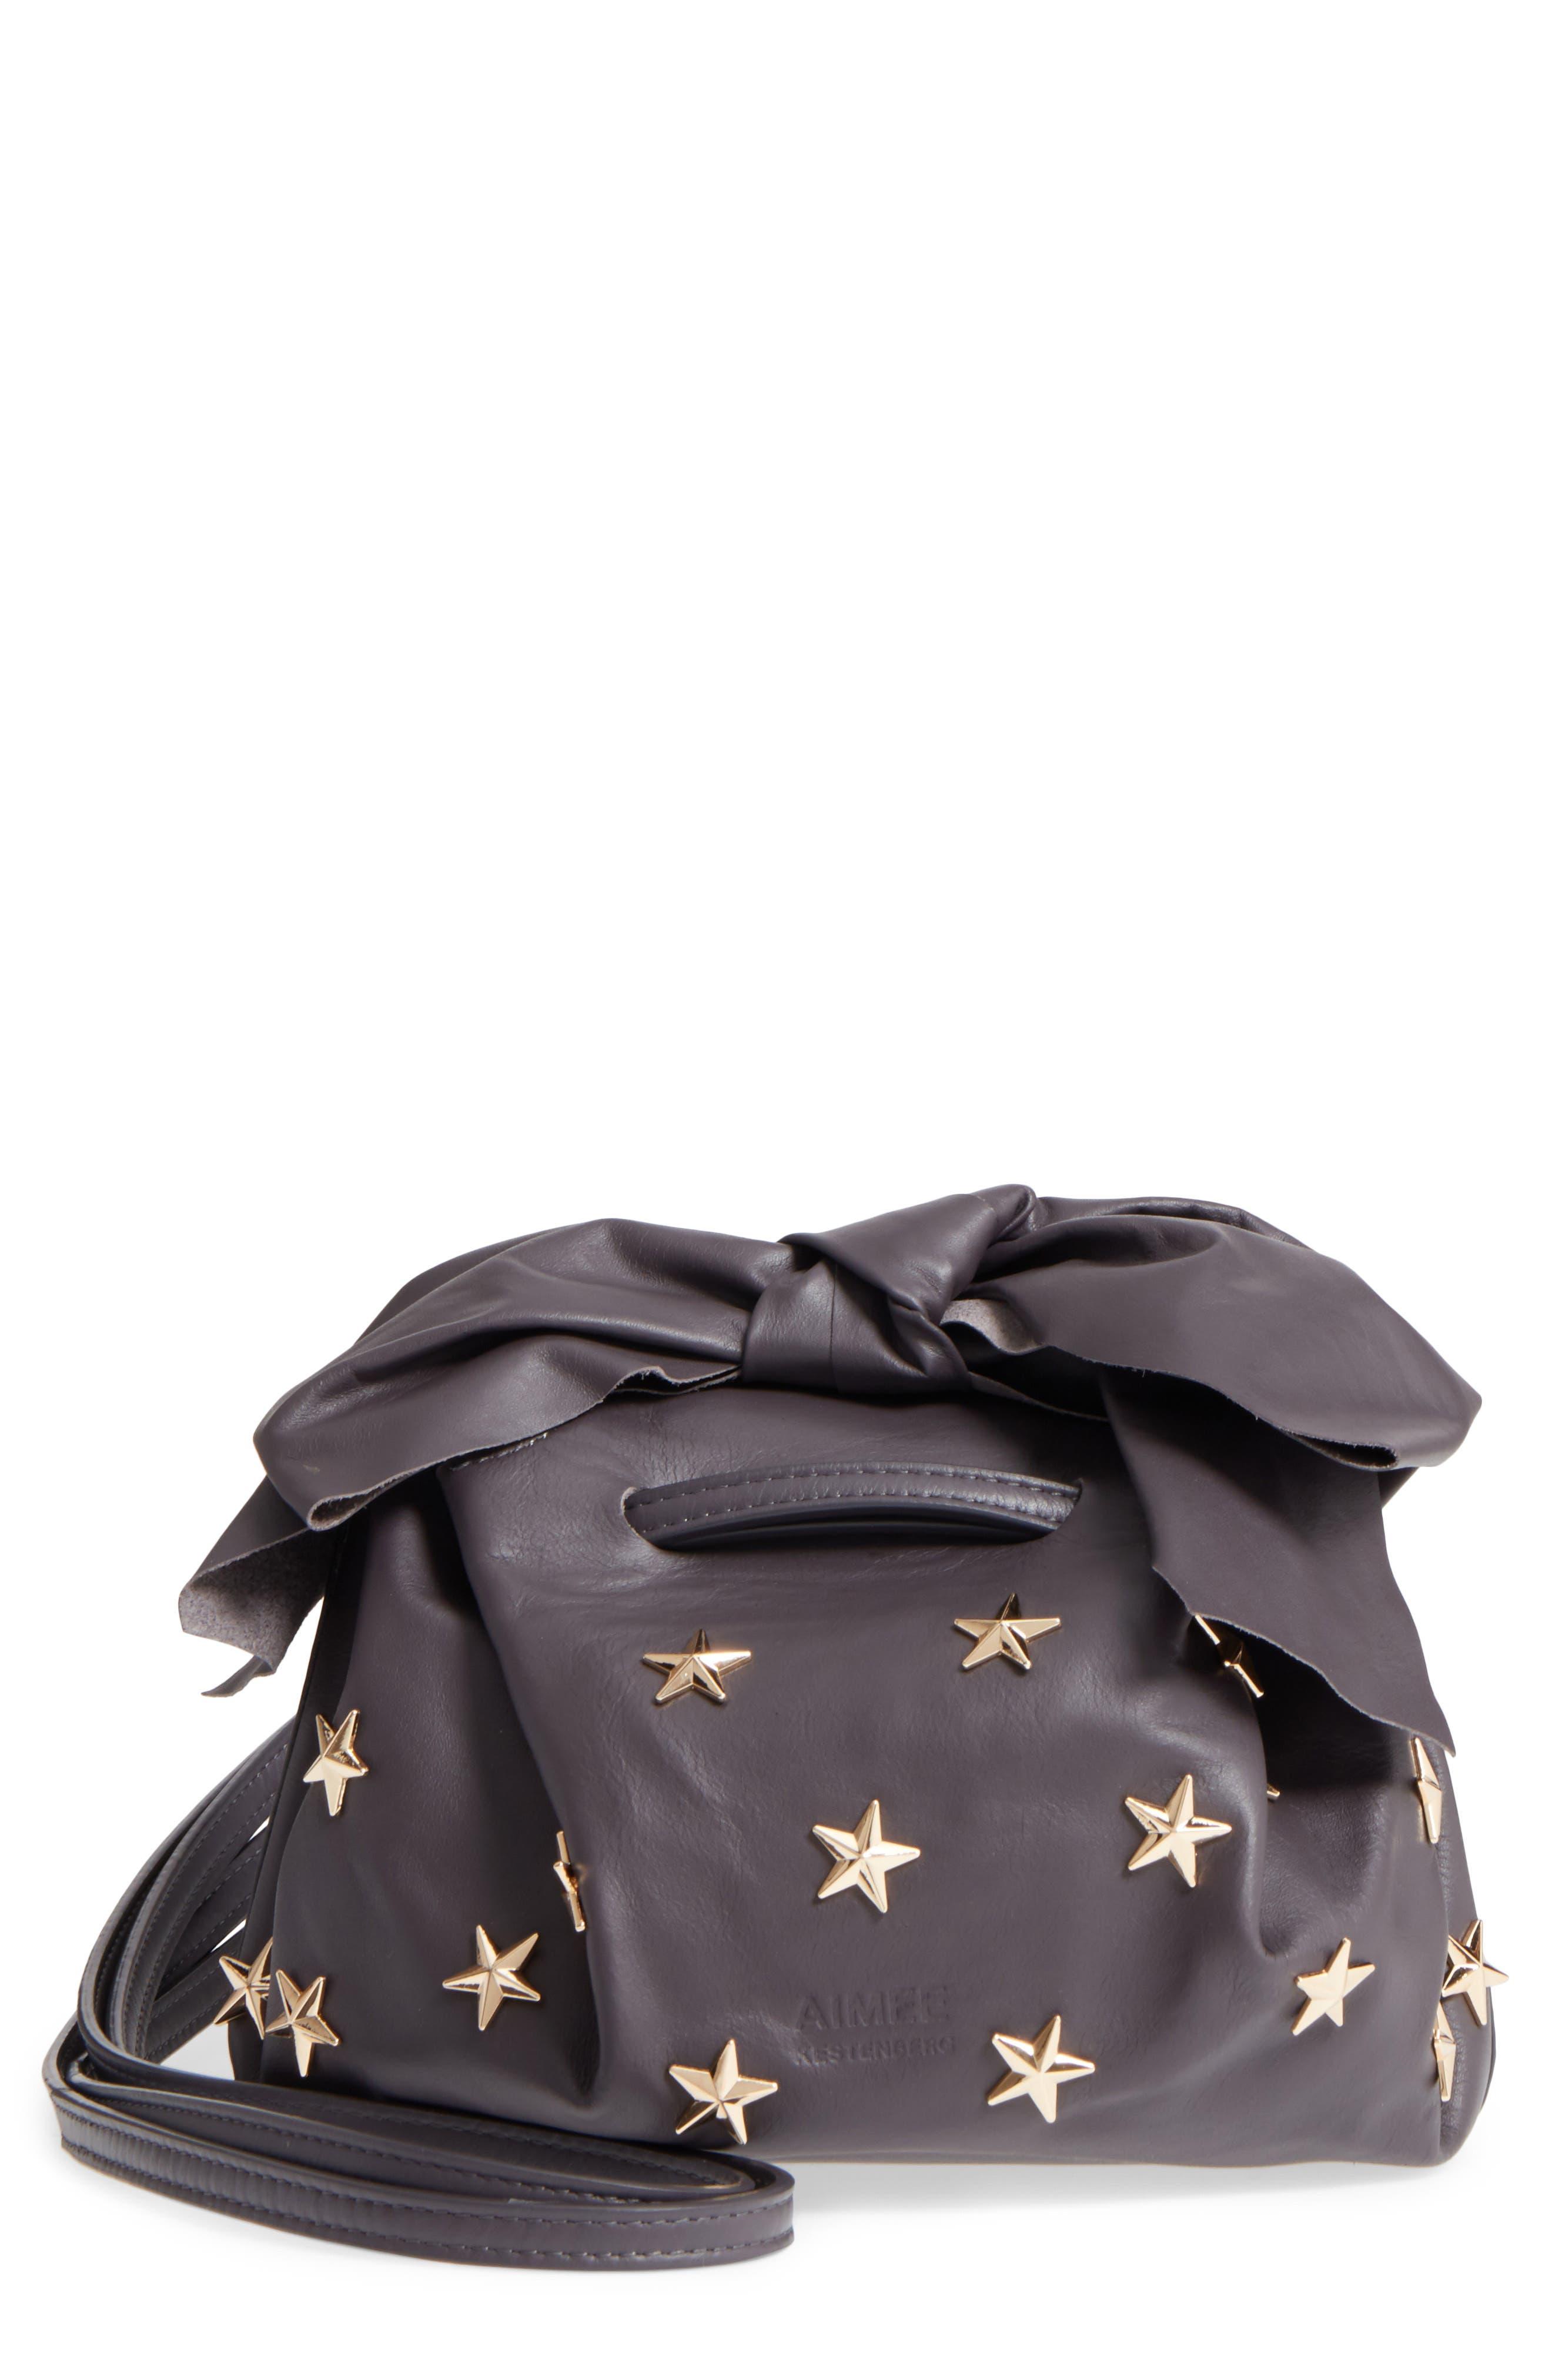 Soirée Star Stud Leather Crossbody Bag,                             Main thumbnail 1, color,                             020